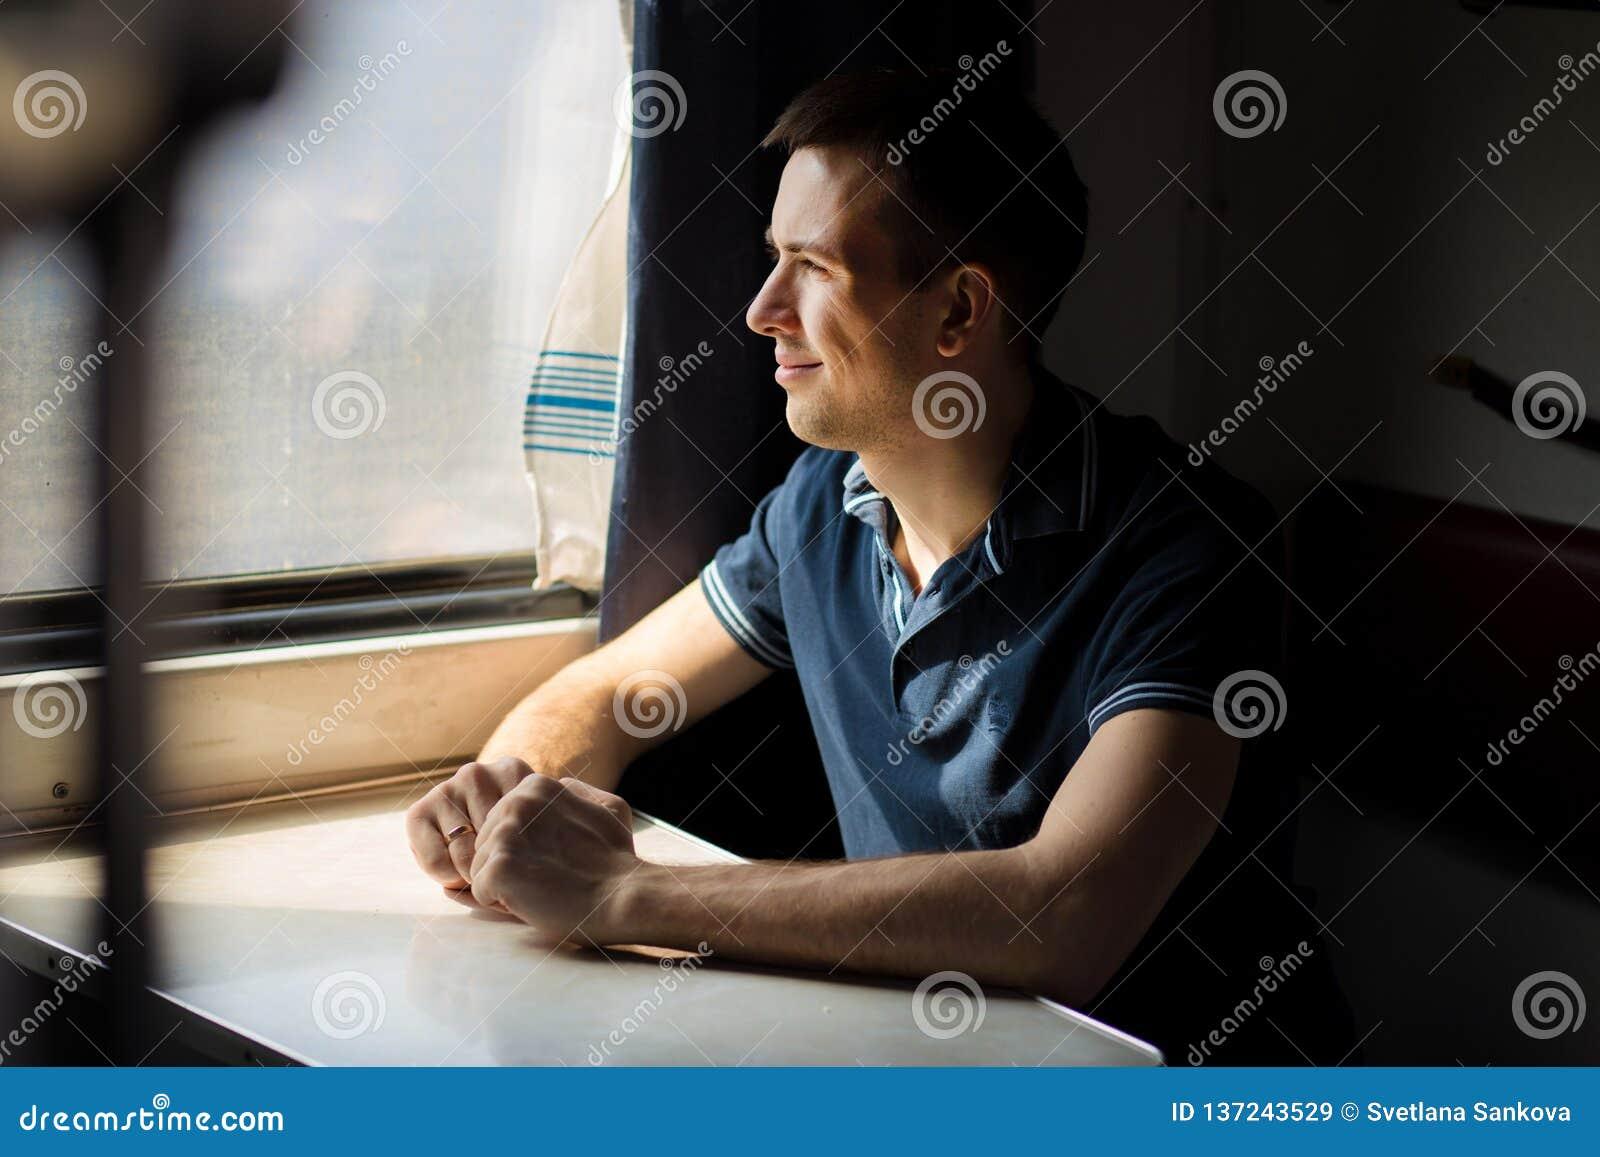 Jeune homme appréciant le voyage de train - laissant sa voiture à la maison, regarde hors de la fenêtre, a le temps pour admirer